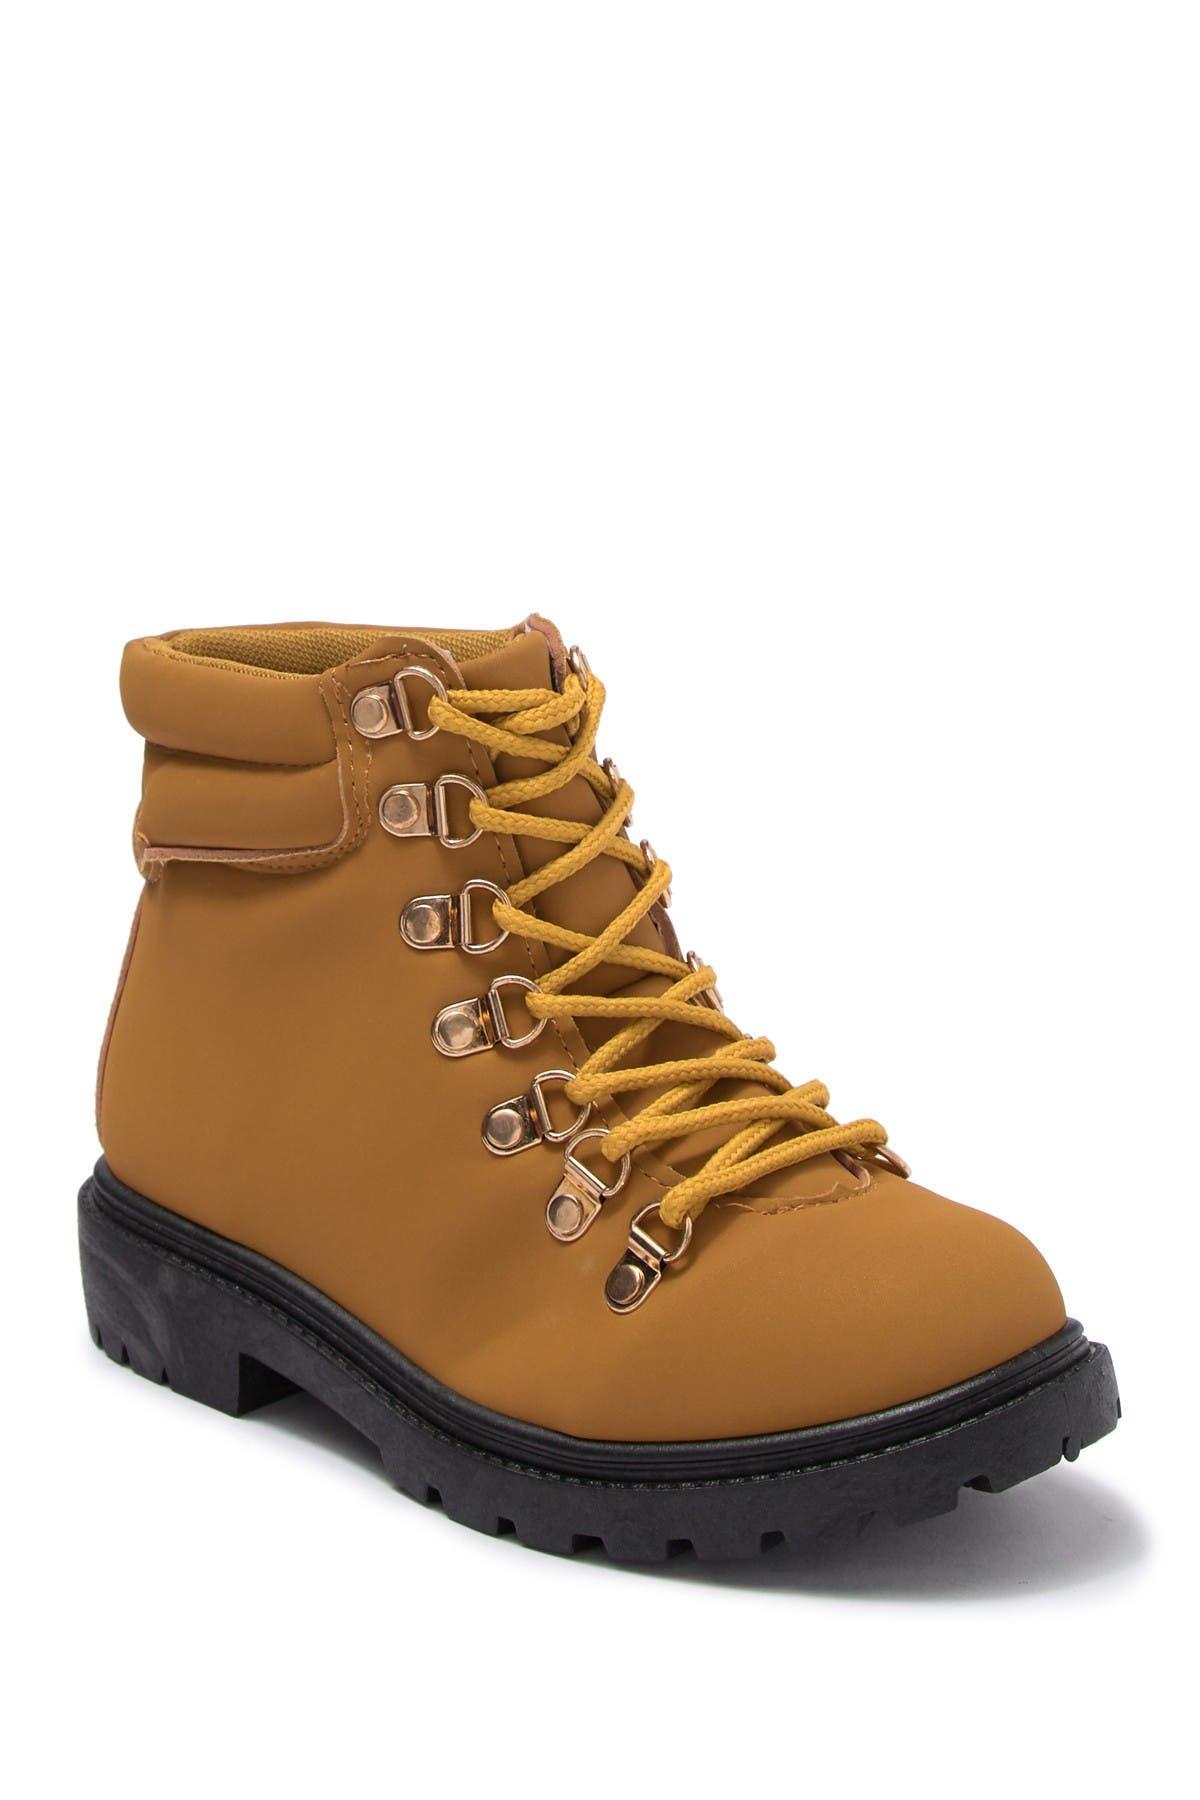 Image of OLIVIA MILLER OMG Lace-Up Hiker Boot